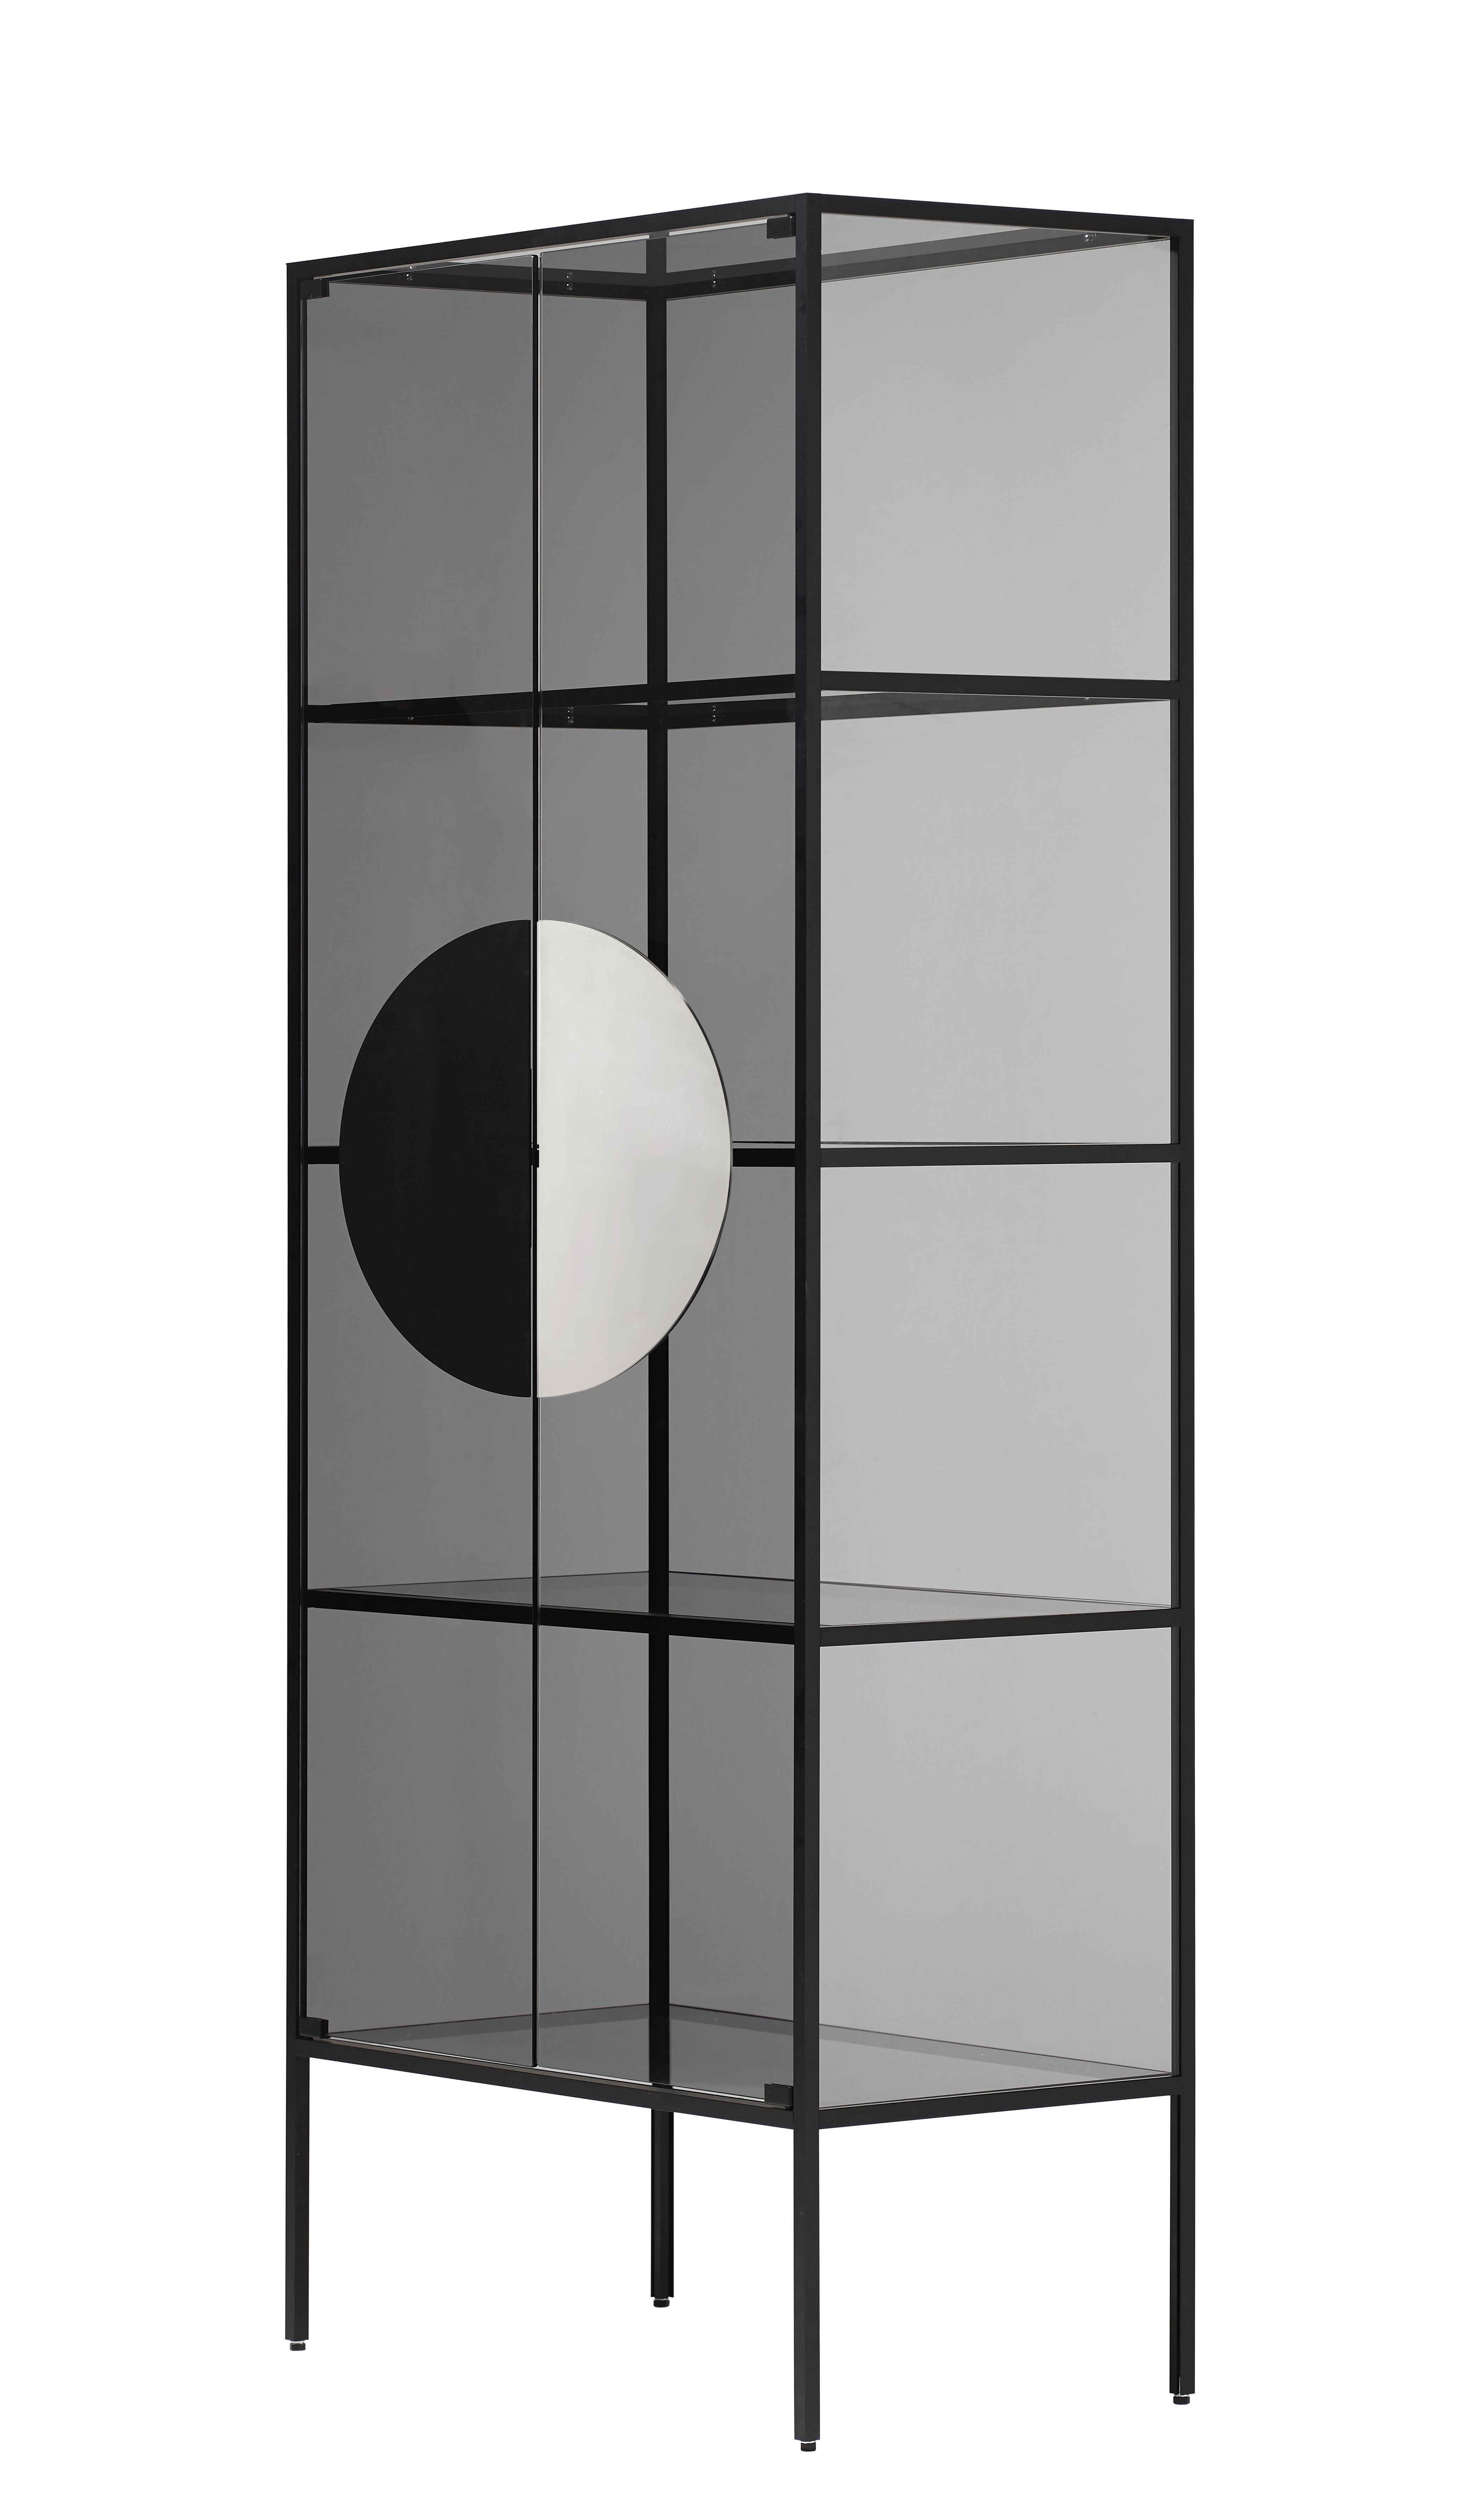 Möbel - Regale und Bücherregale - Yang Aufbewahrungsmöbel / Vitrine - H 180 cm - Opinion Ciatti - Schwarz / Rauchglas - Einscheiben-Sicherheitsglas, eloxiertes Aluminium, Nickel